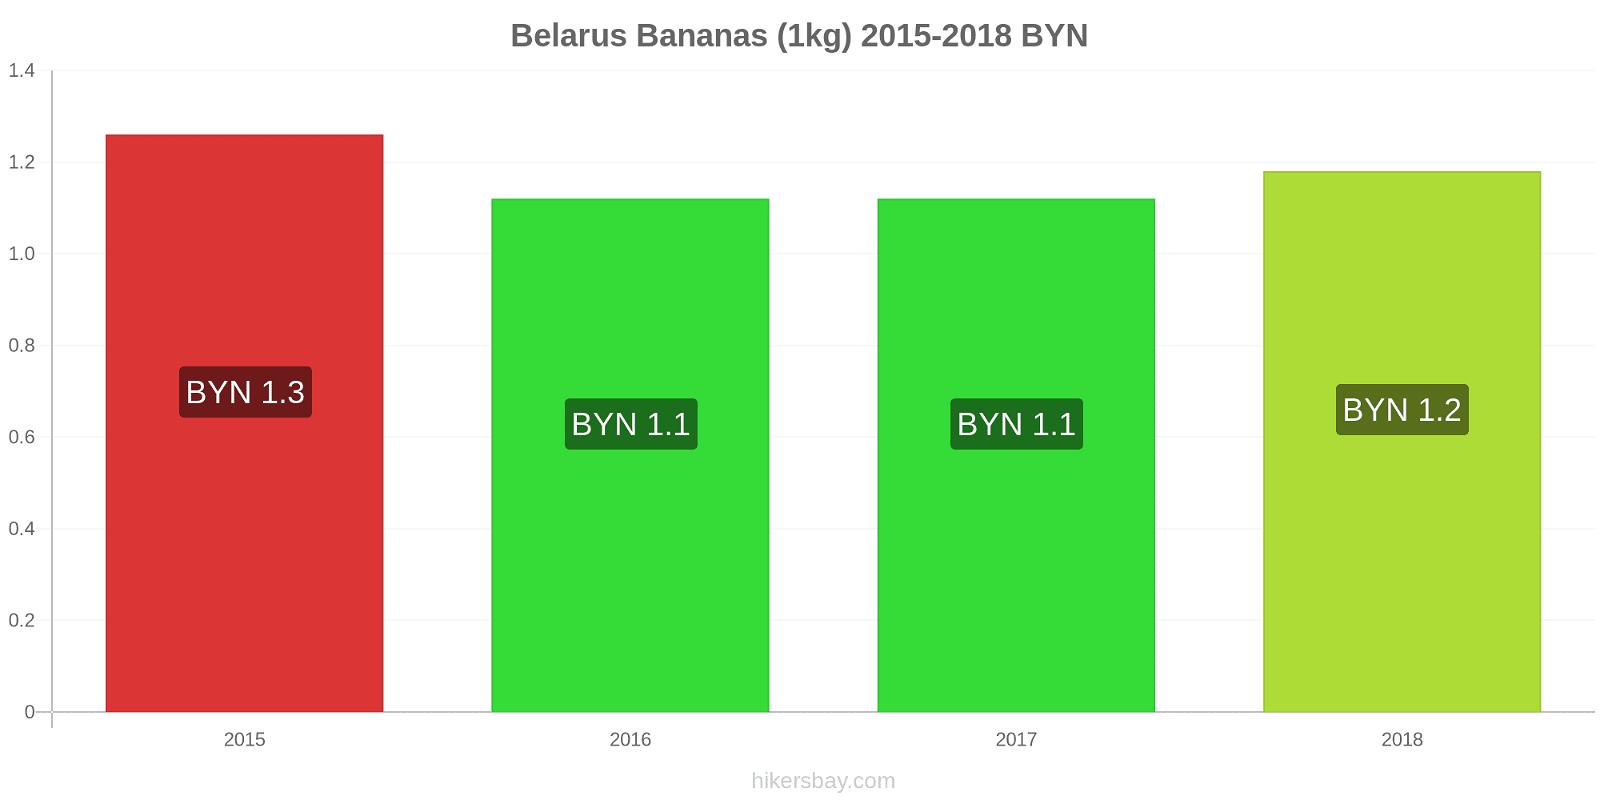 Belarus price changes Bananas (1kg) hikersbay.com